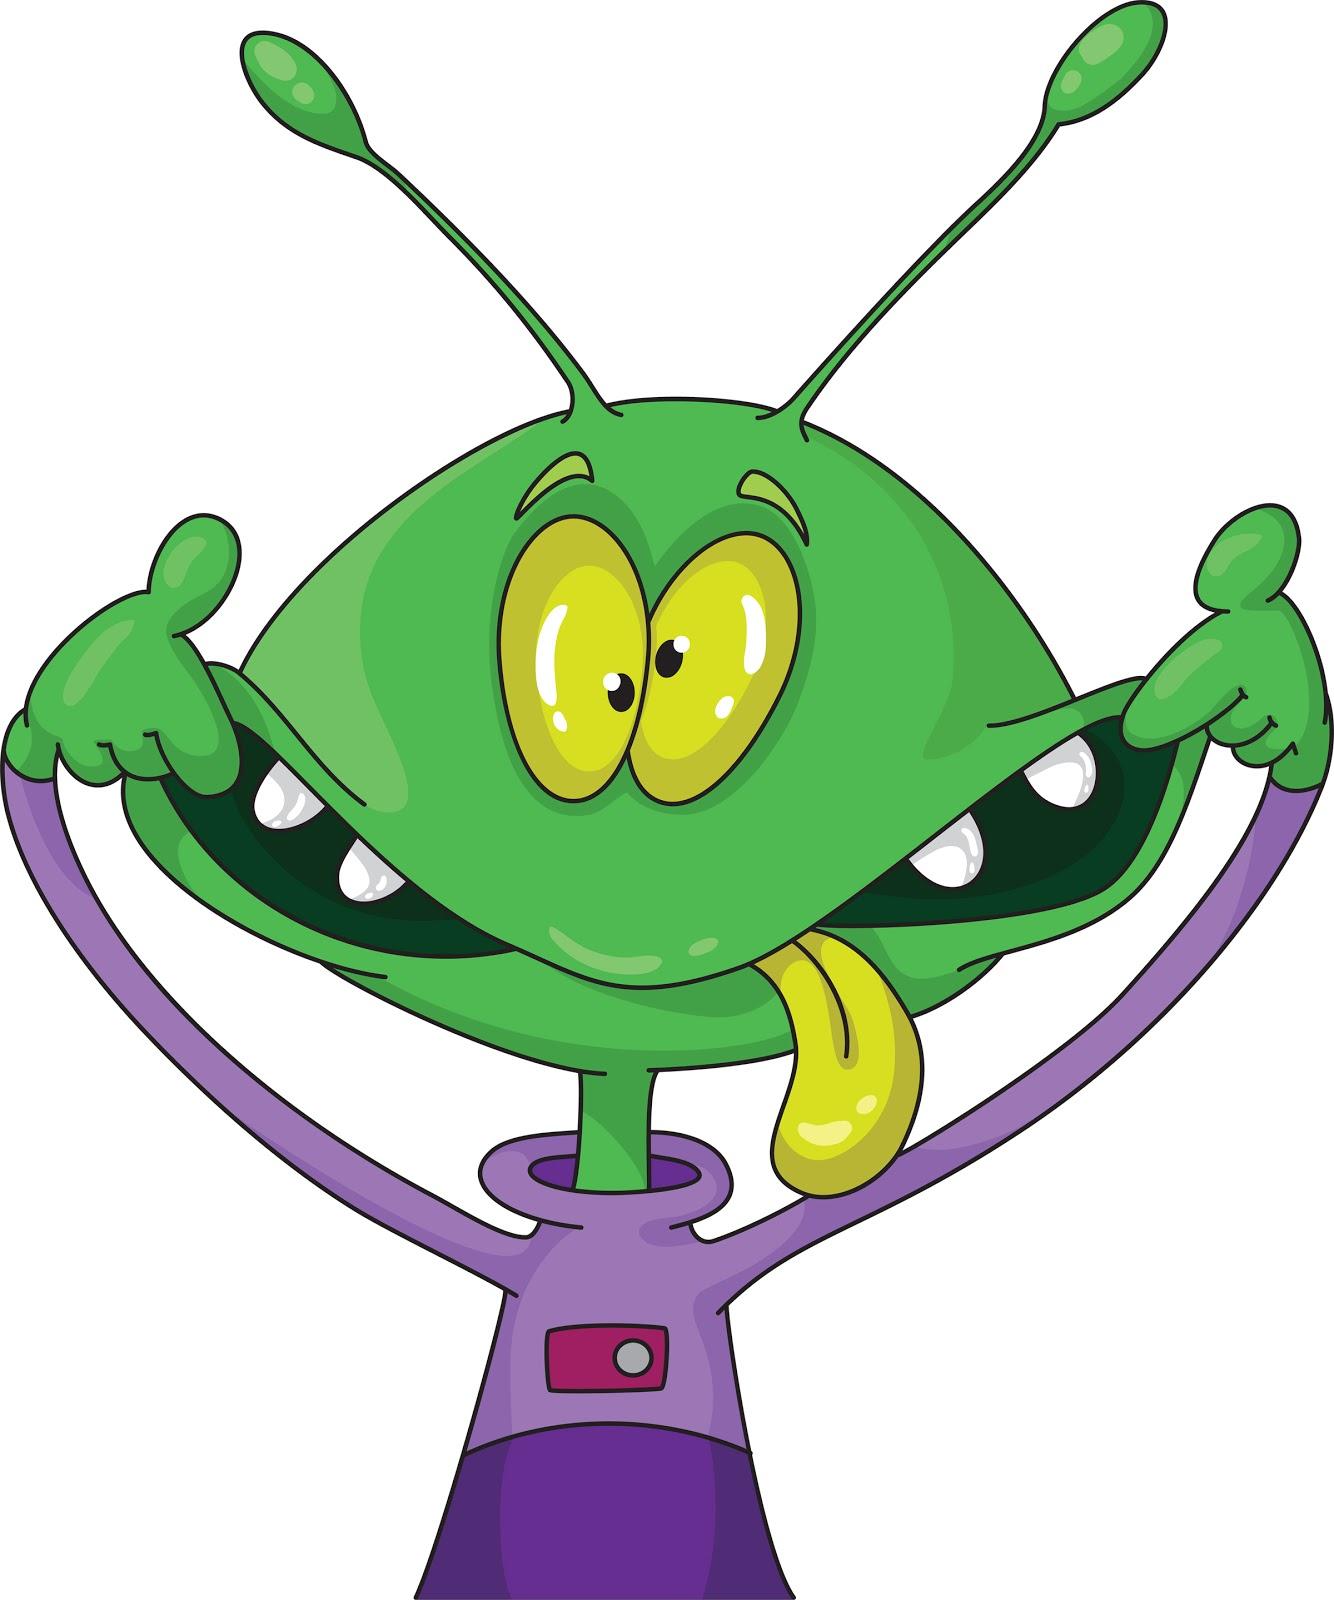 1334x1600 C1c9ff5ddd6b38195413d480d6a77b0f Alien Spaceship Clipart Alien